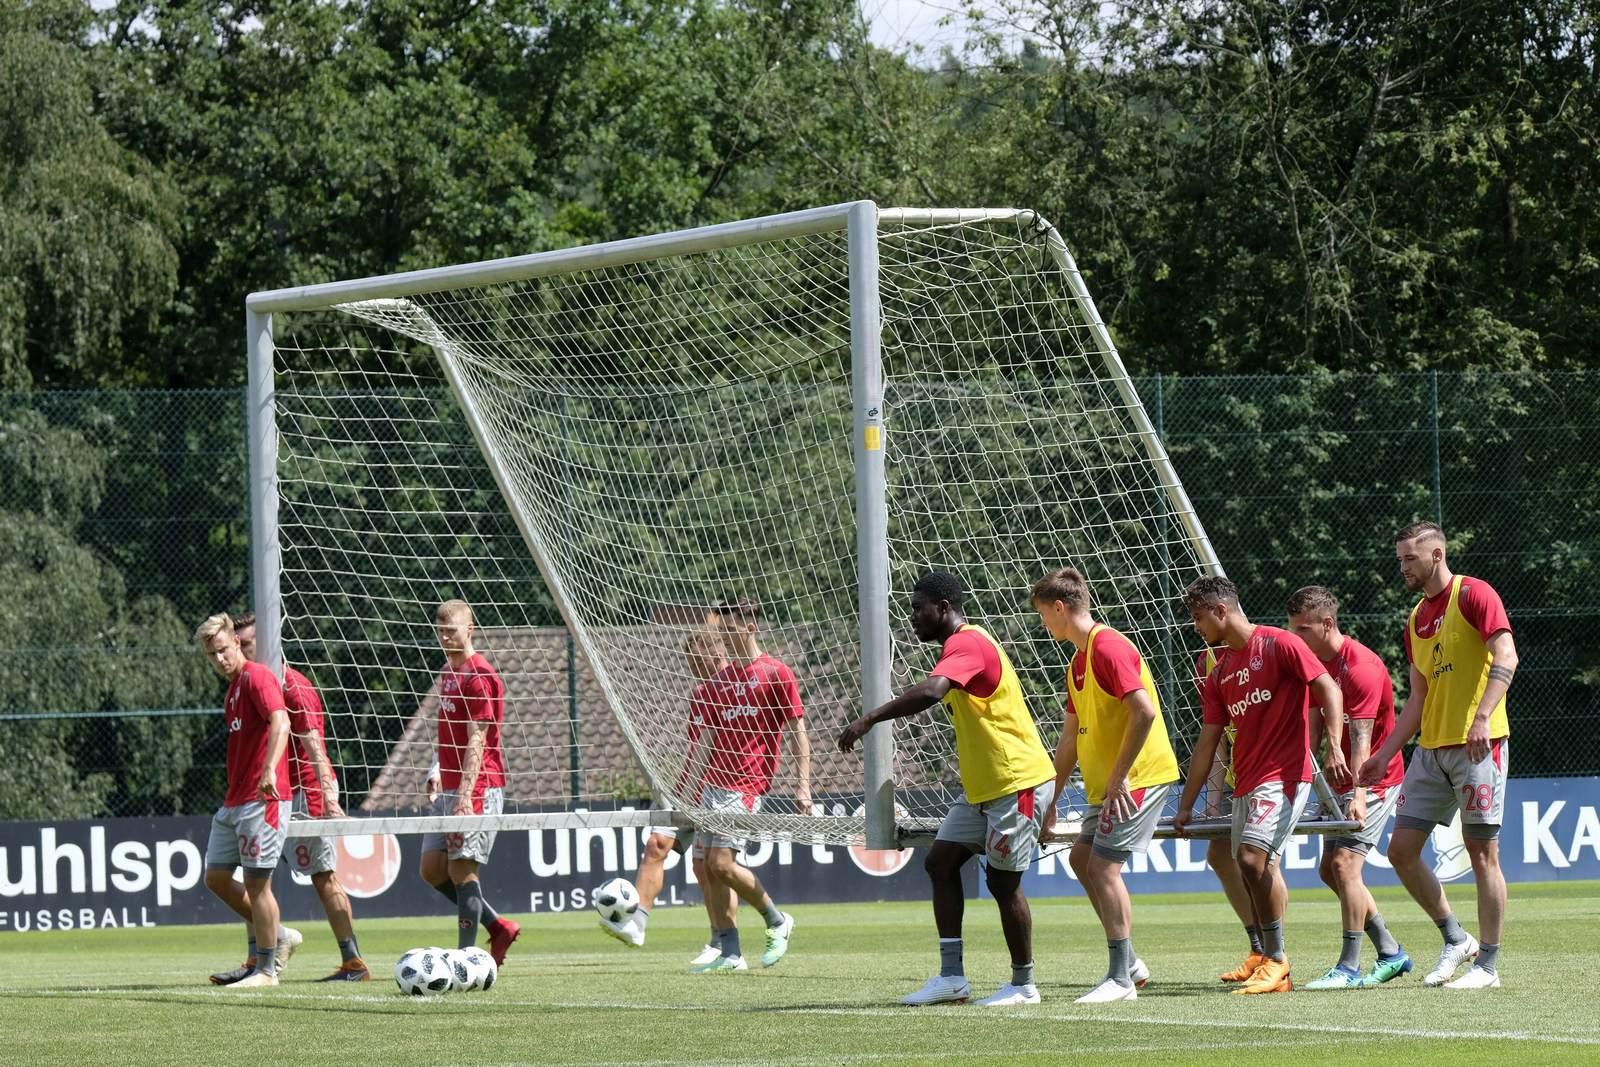 Spieler des 1. FC Kaiserslautern tragen das Tor im Training